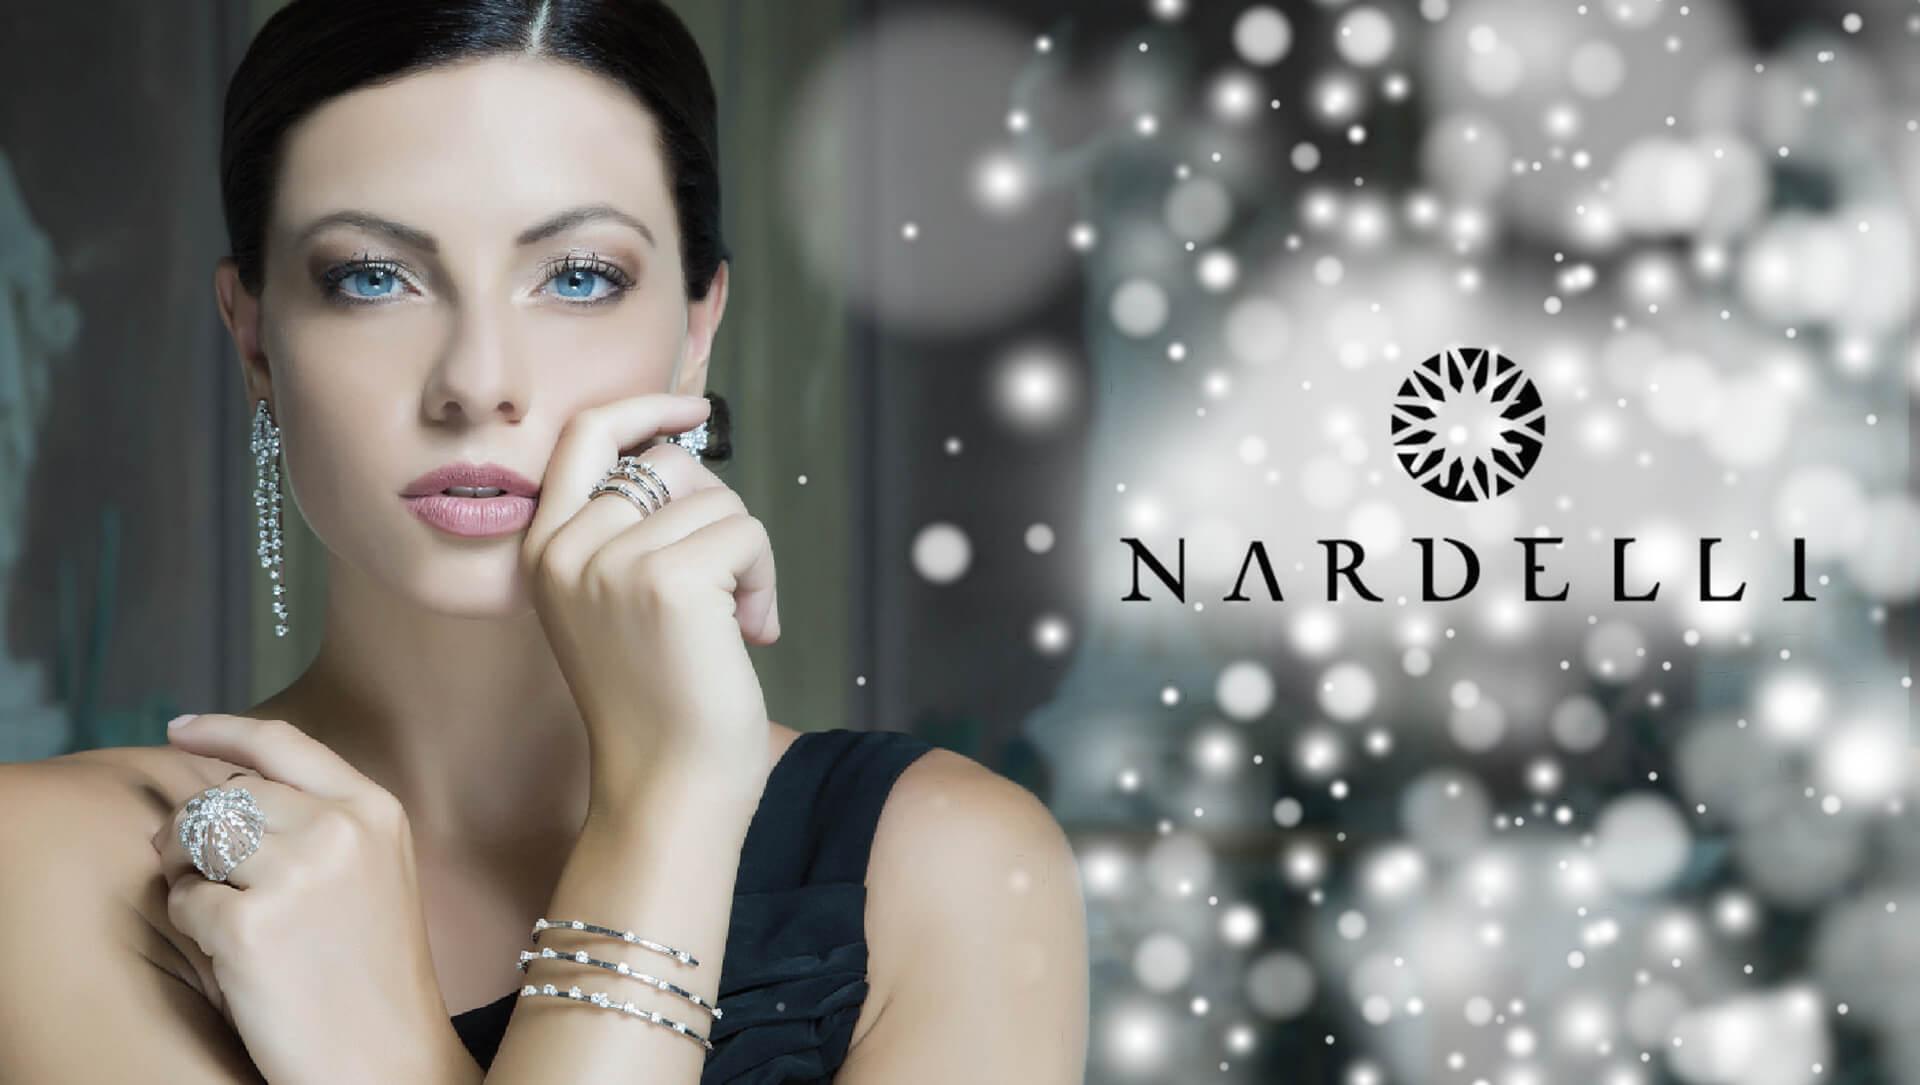 nardelli_01